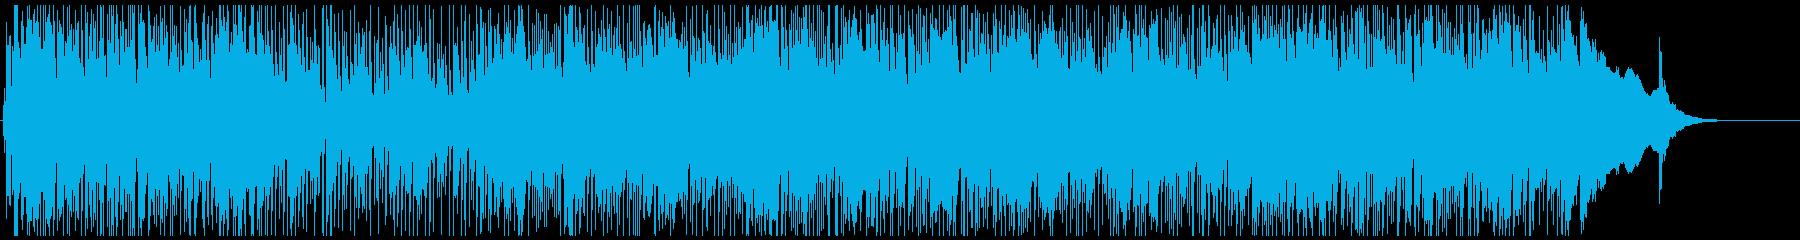 ドライブしている雰囲気のロックインストの再生済みの波形